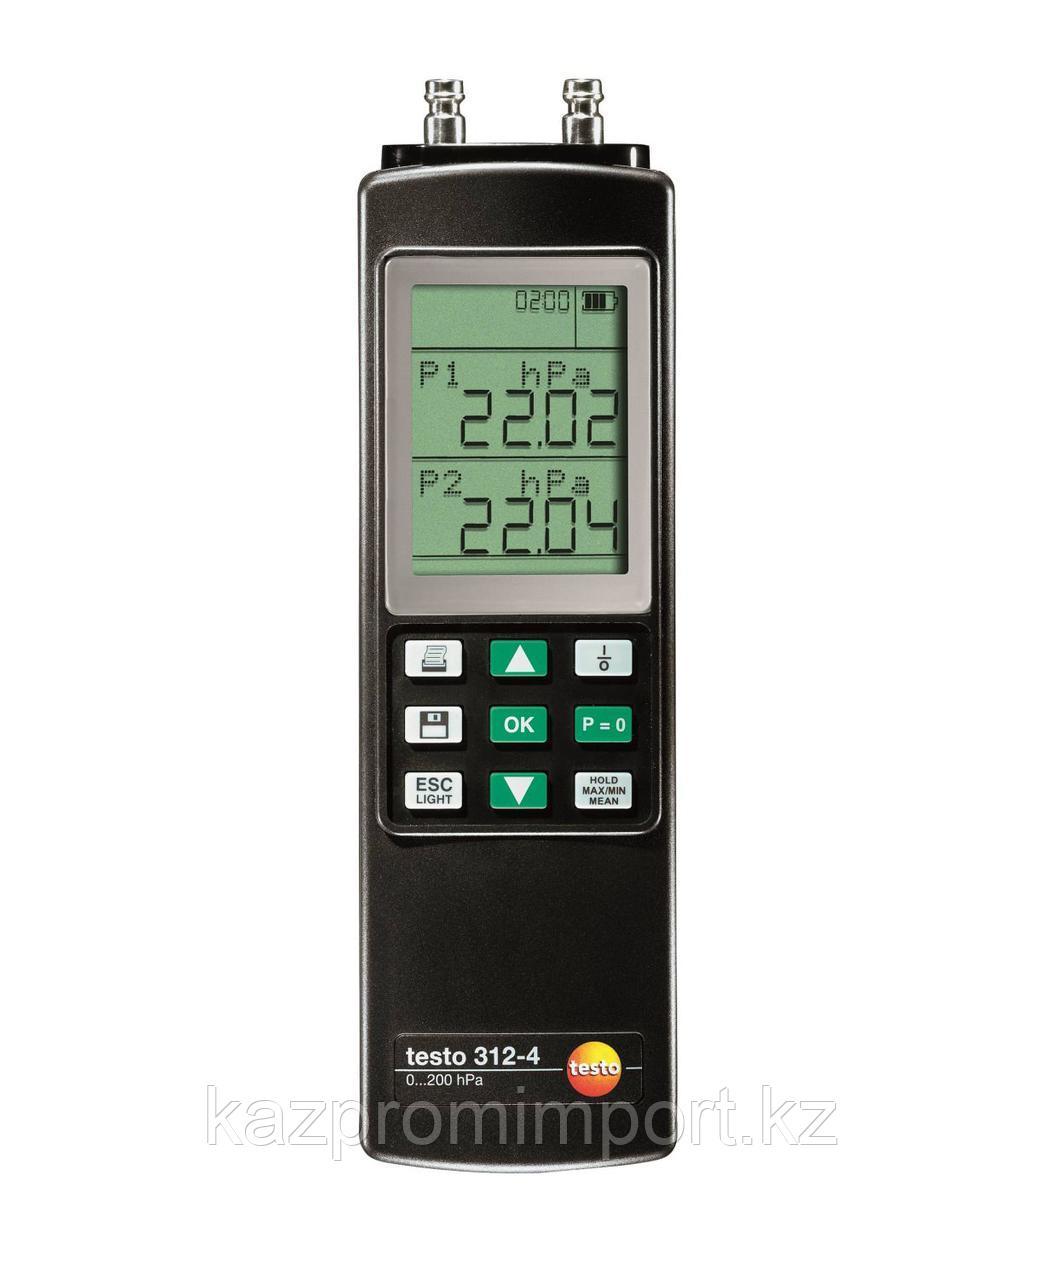 Testo 312-4 - Дифференциальный манометр